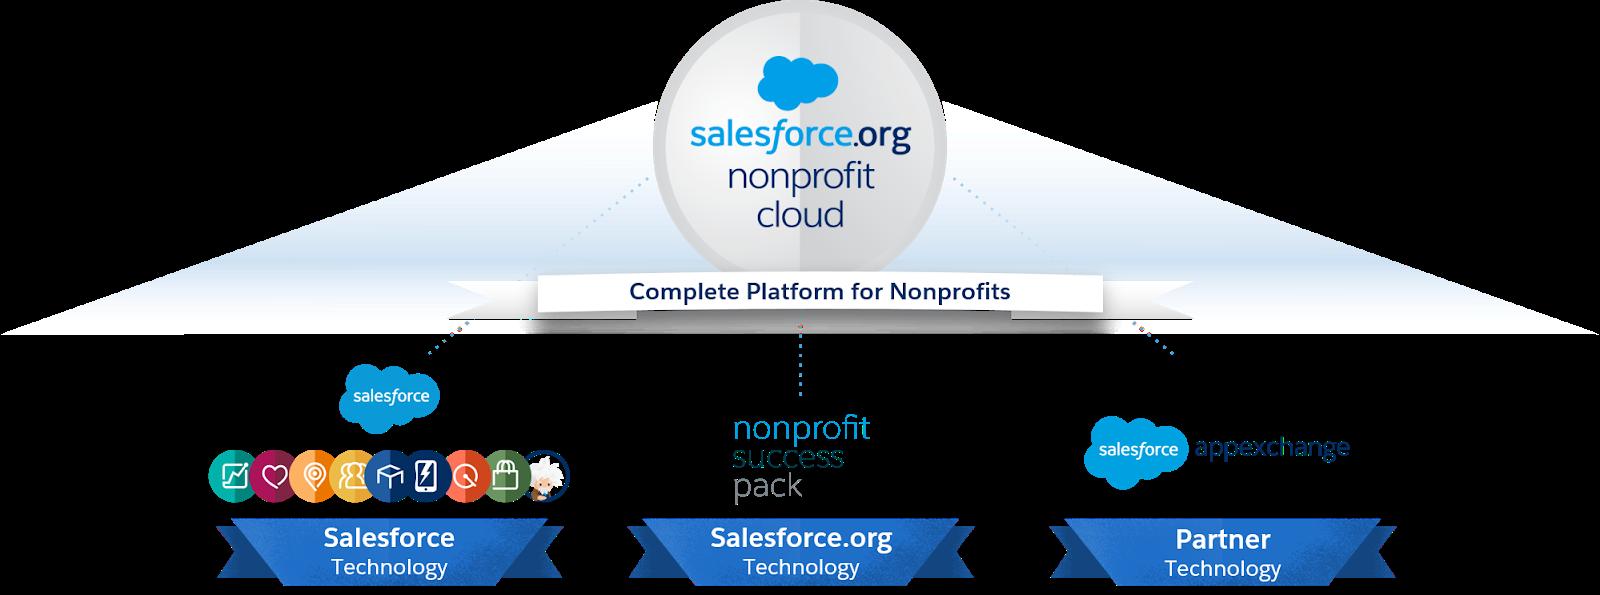 La plate-forme NonprofitCloud est composée de trois éléments principaux: la technologie Salesforce, la technologie Salesforce.org et les technologies partenaires.